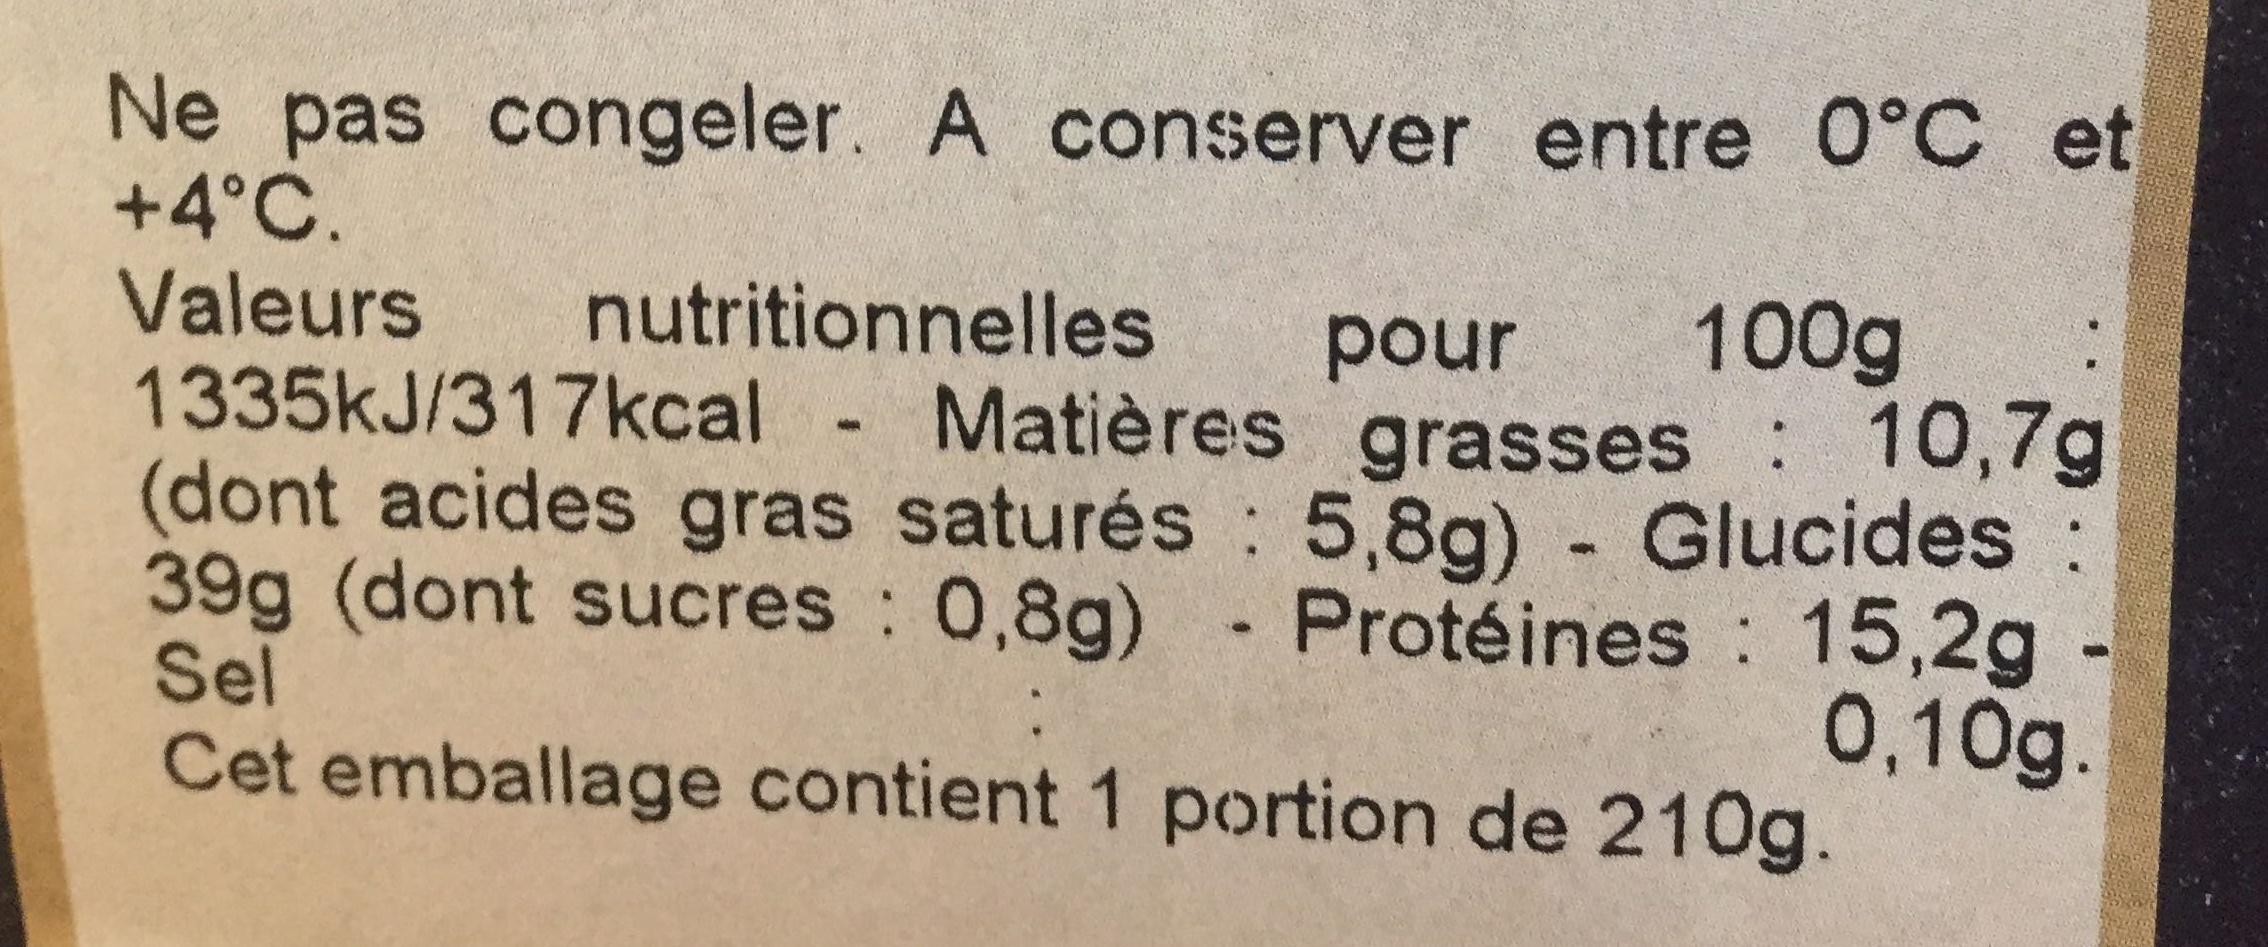 Croque monsieur - Voedingswaarden - fr